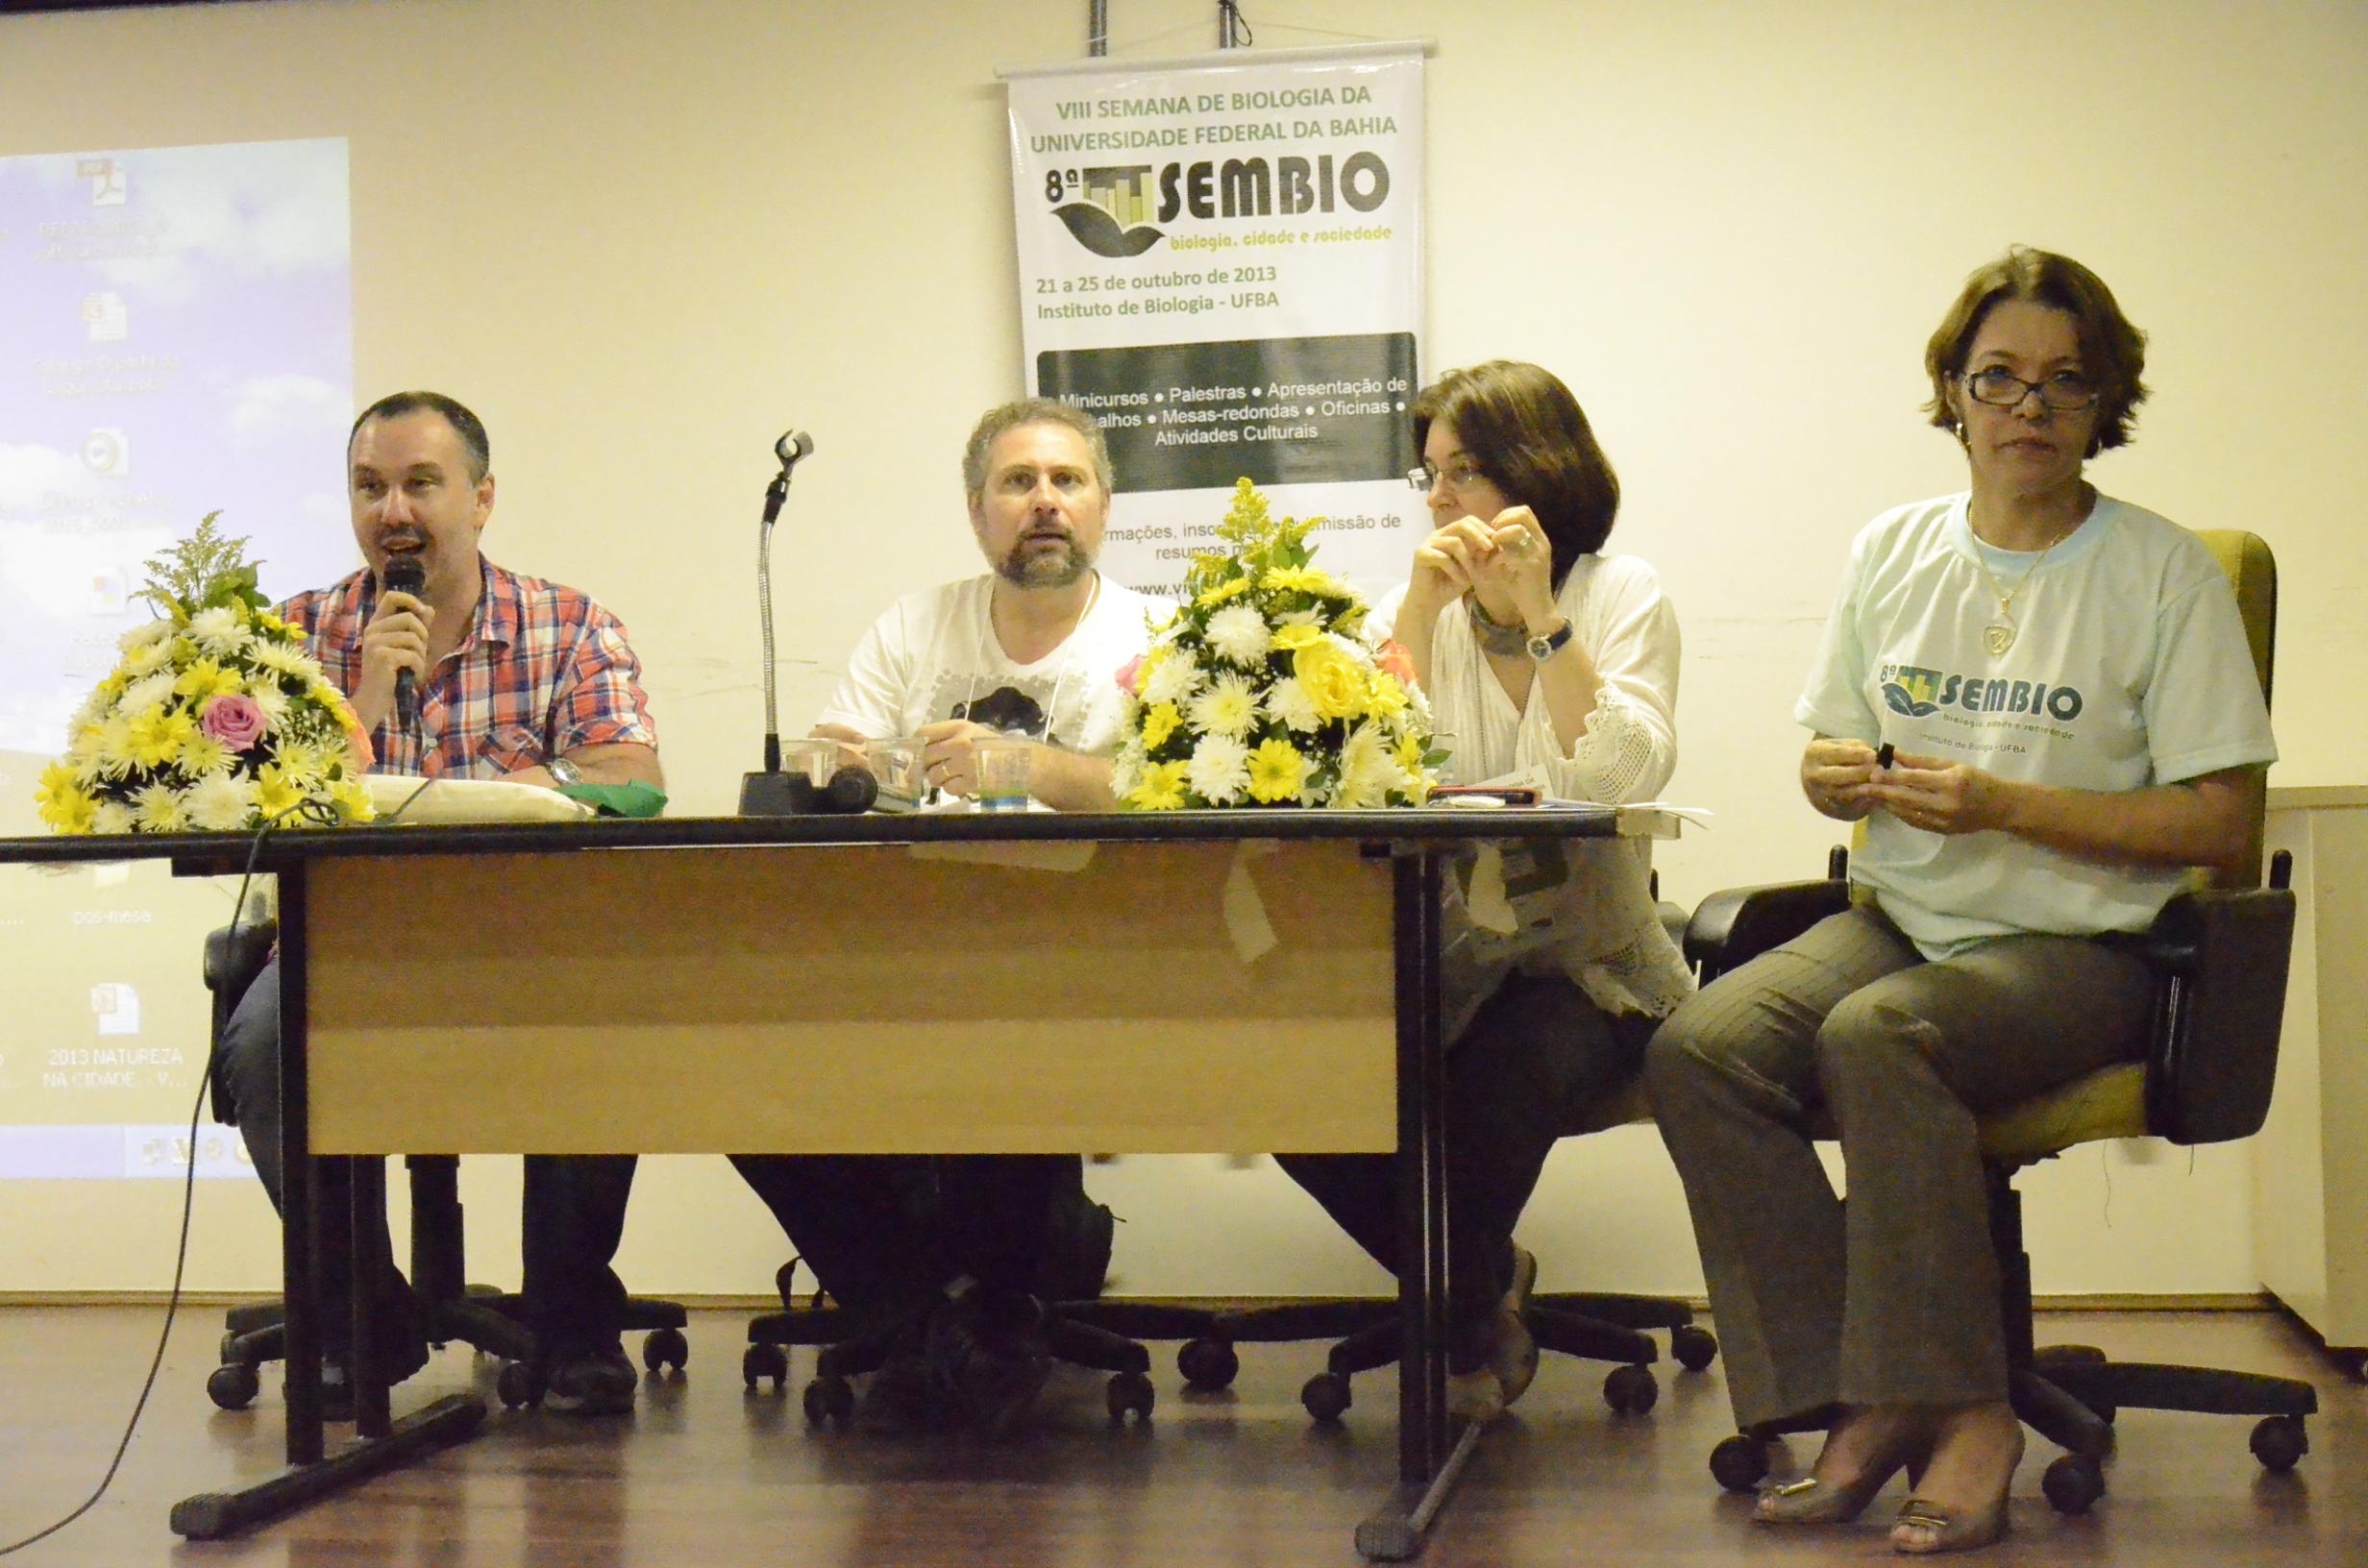 Mesa: Wendel Henrique, Aruane Gazerdin. Charbel, El-Hani e Sueli Almuiña. Foto: Vanice da Mata